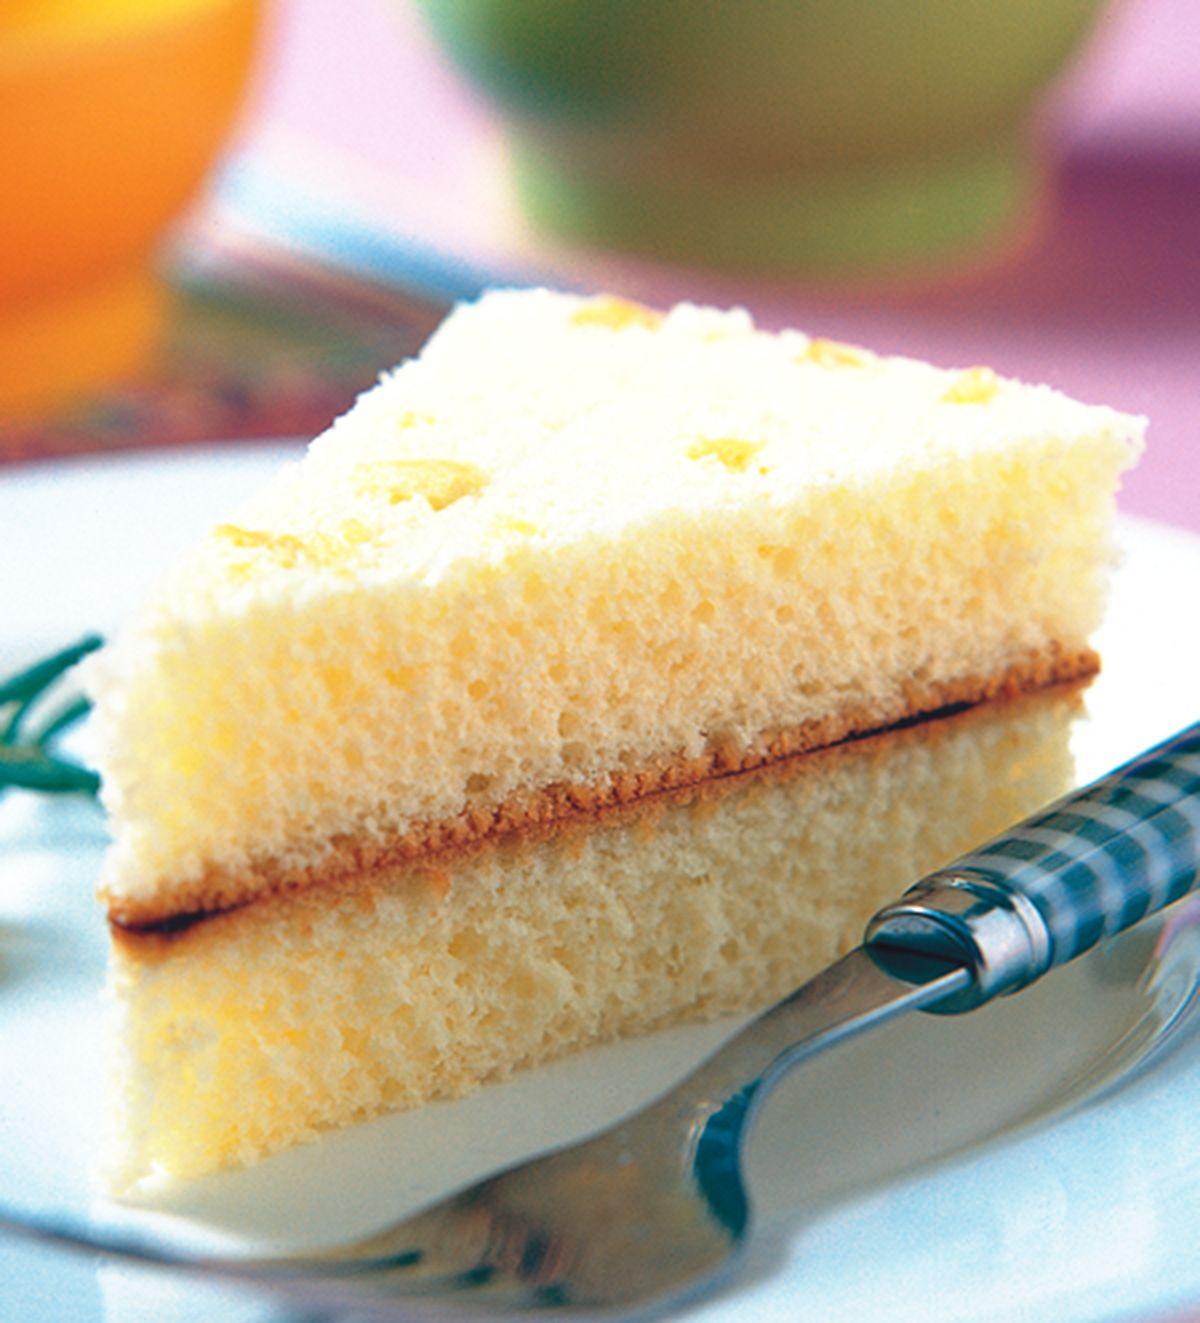 食譜:橙桔海綿蛋糕